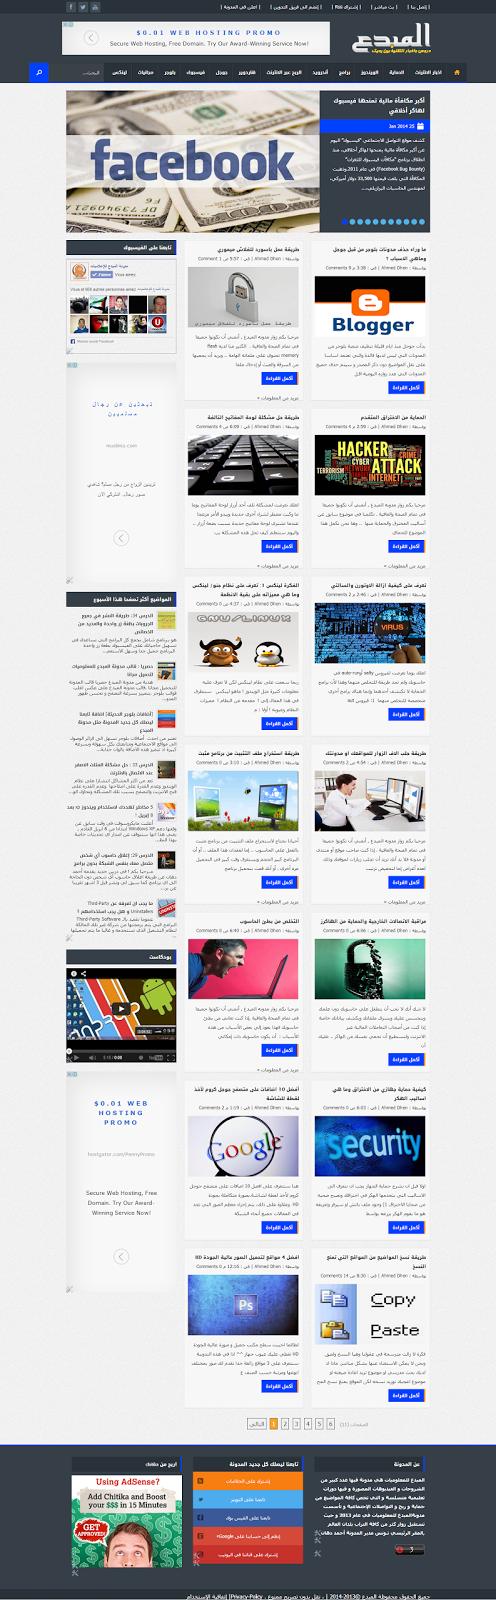 قالب مدونة المبدع المطور النسخة 2 قالب مدونة المبدع المطور النسخة 2 قالب مدونة المبدع المطور النسخة 2 قالب مدونة المبدع المطور النسخة 2 قالب مدونة المبدع المطور النسخة 2